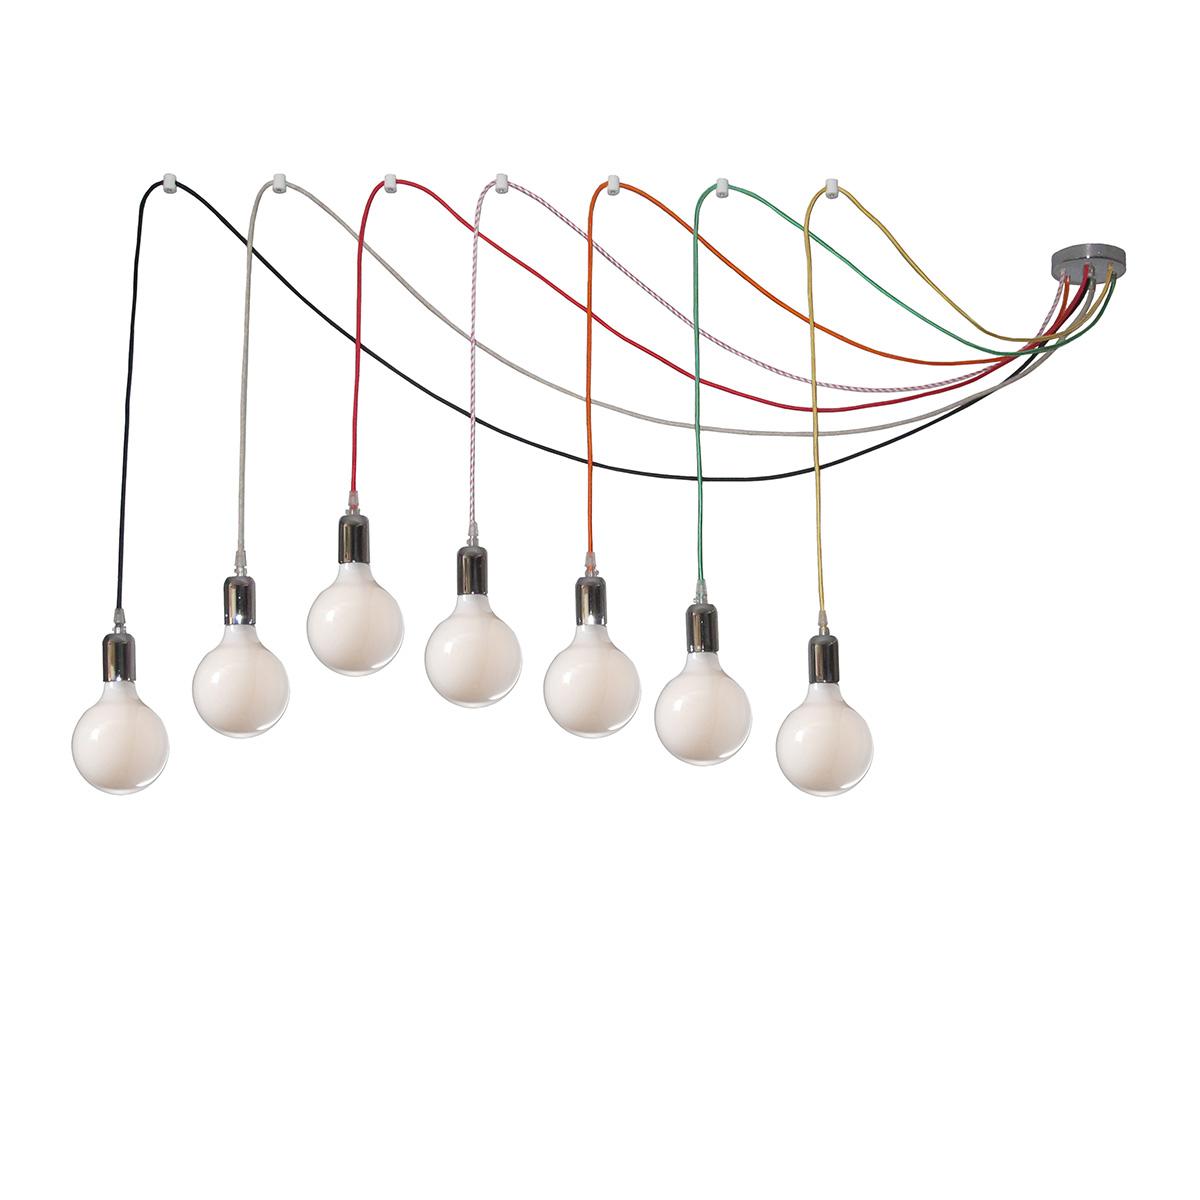 7φωτο φωτιστικό με χρωματιστά καλώδια ΚΑΛΩΔΙΑ 7-bulb chandelier with colorful cables